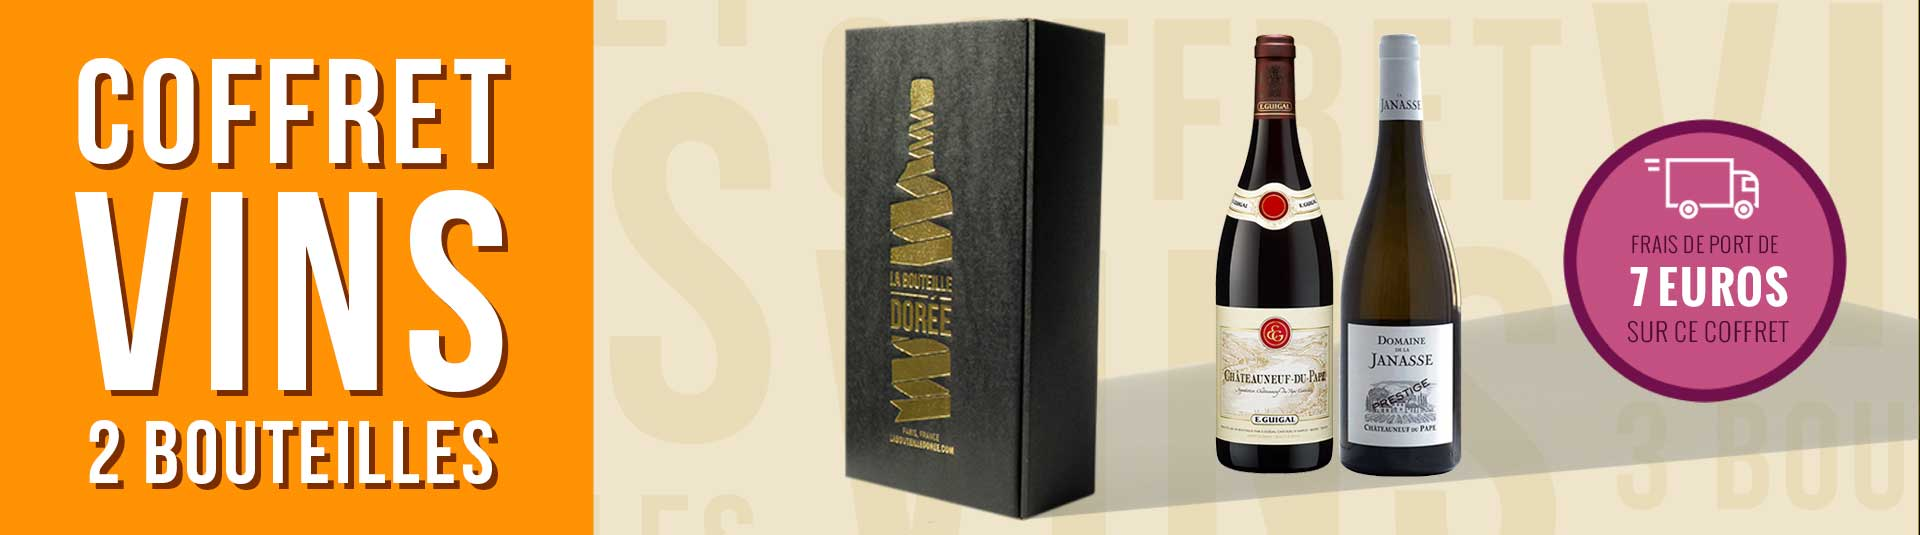 Coffret vin Châteauneuf-du-Pape Passion